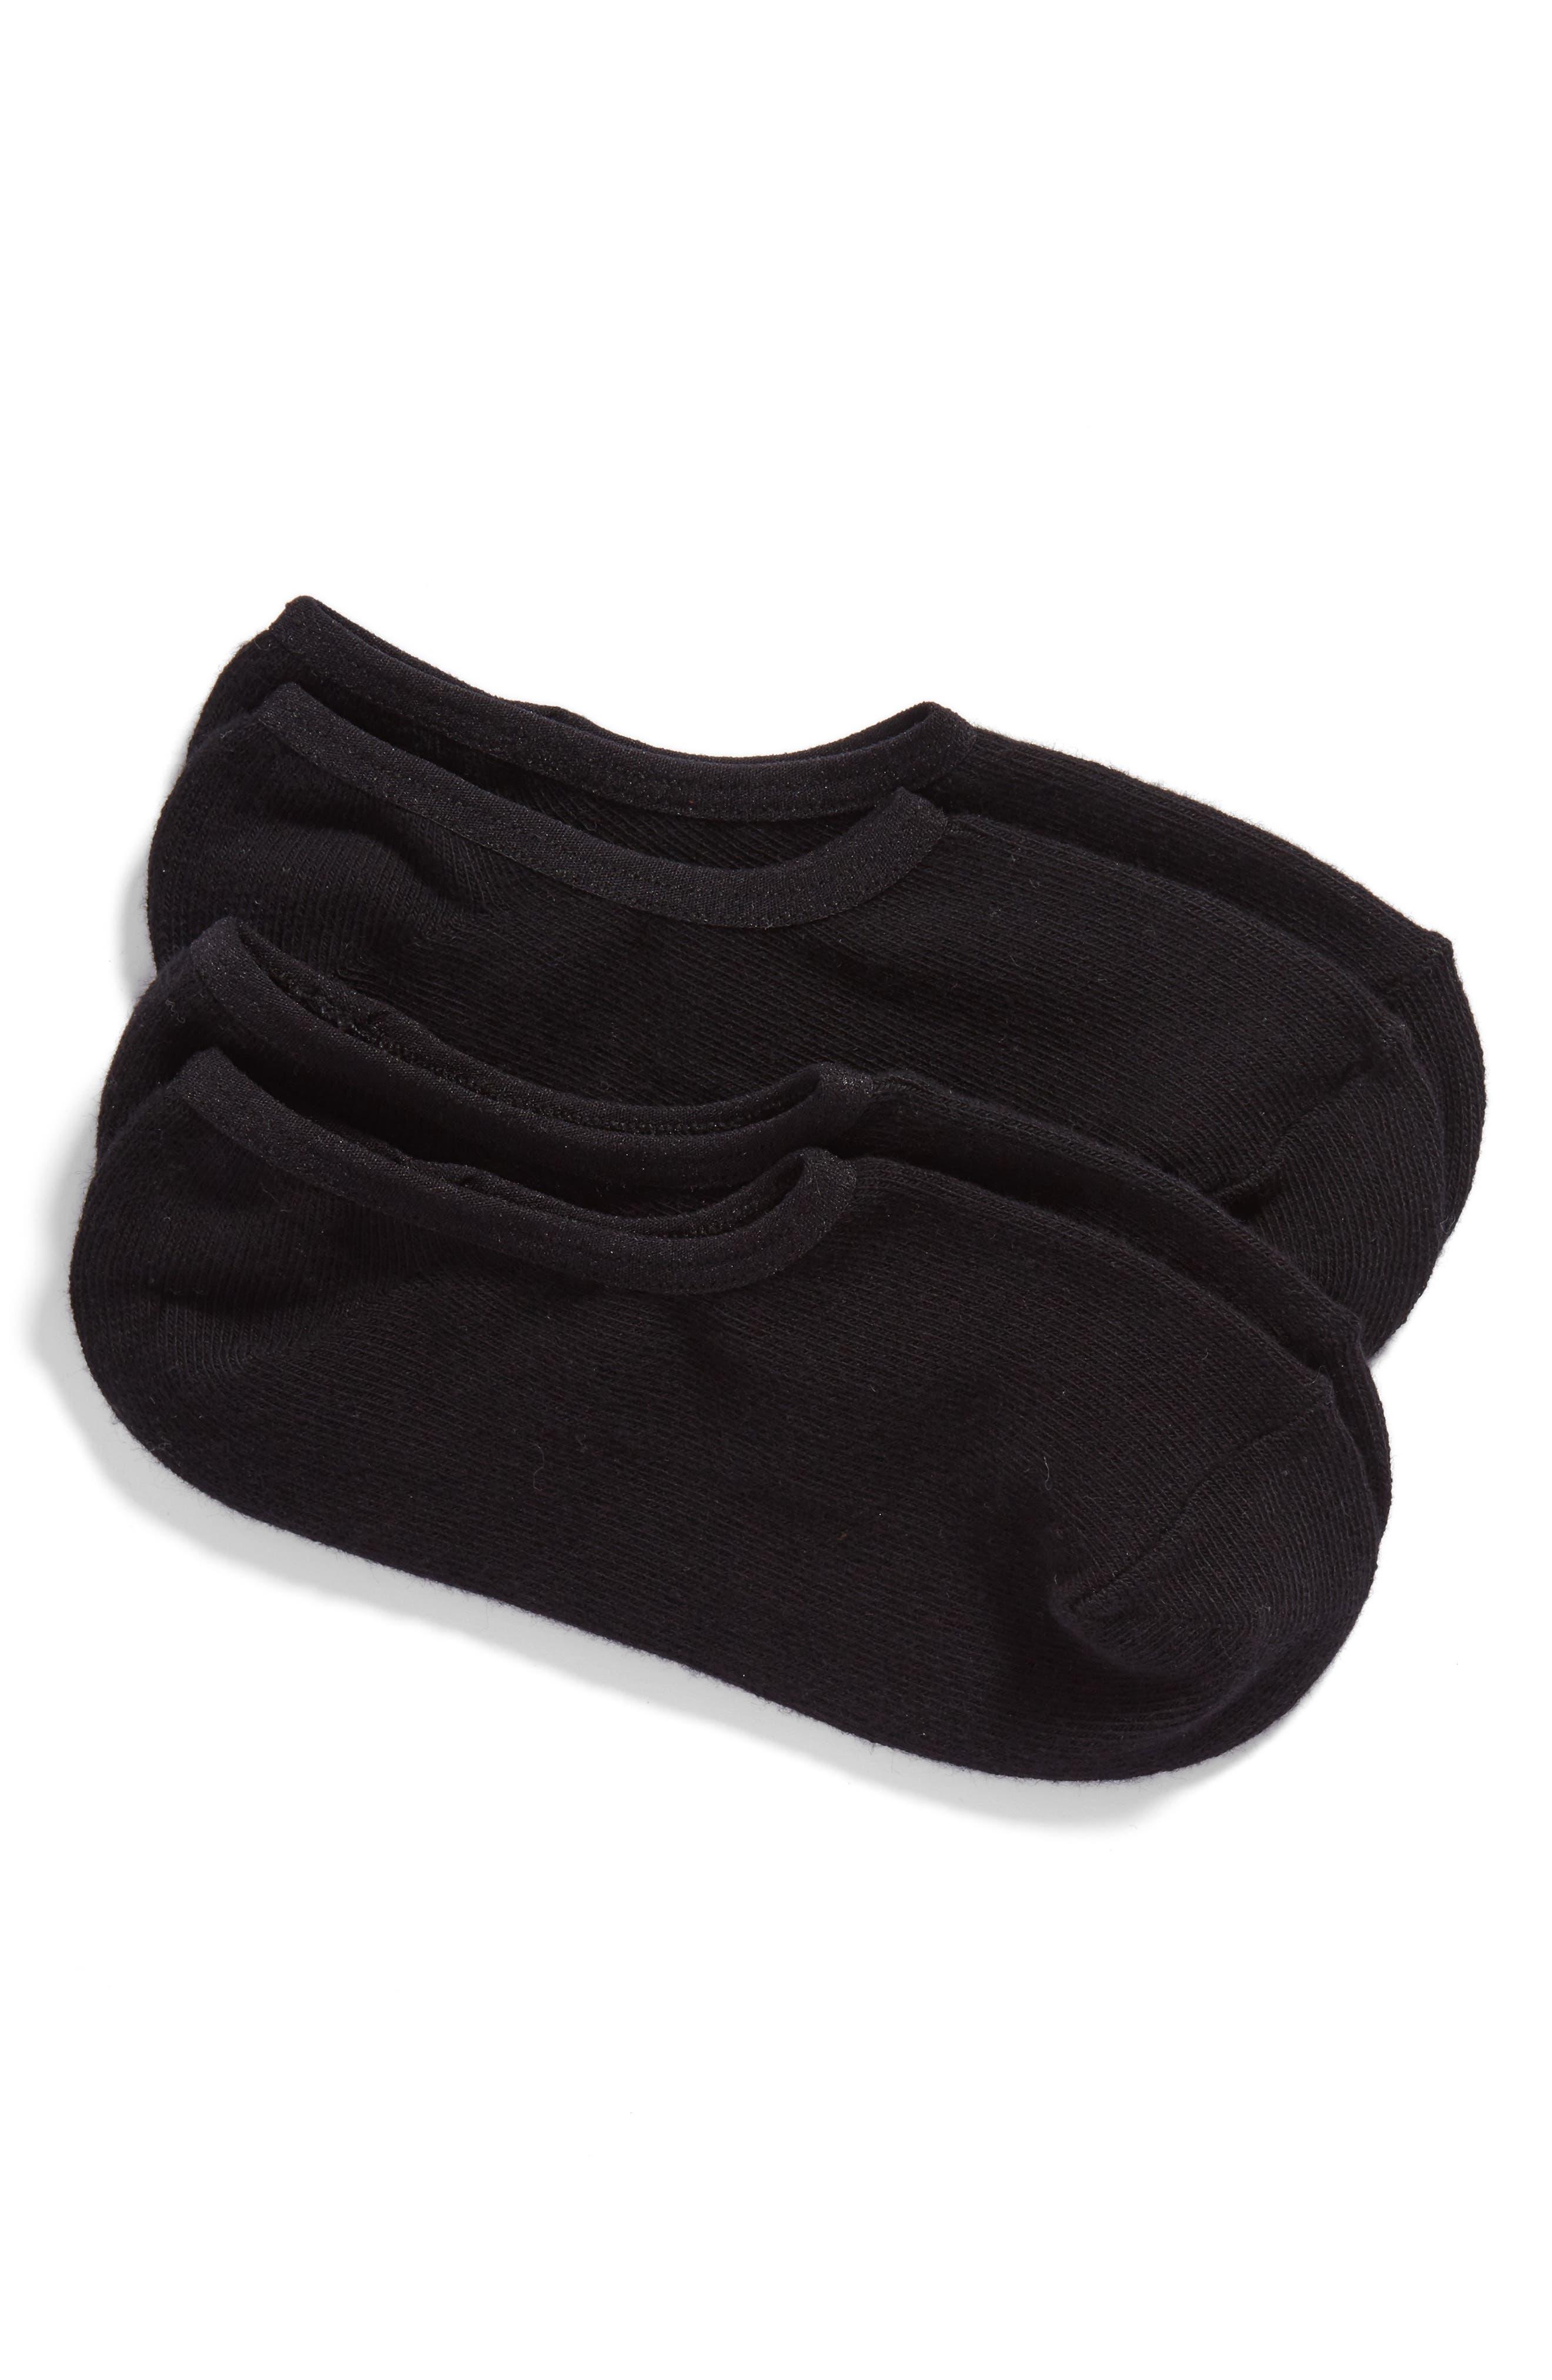 Main Image - SOCKART 2-Pack Liner Socks